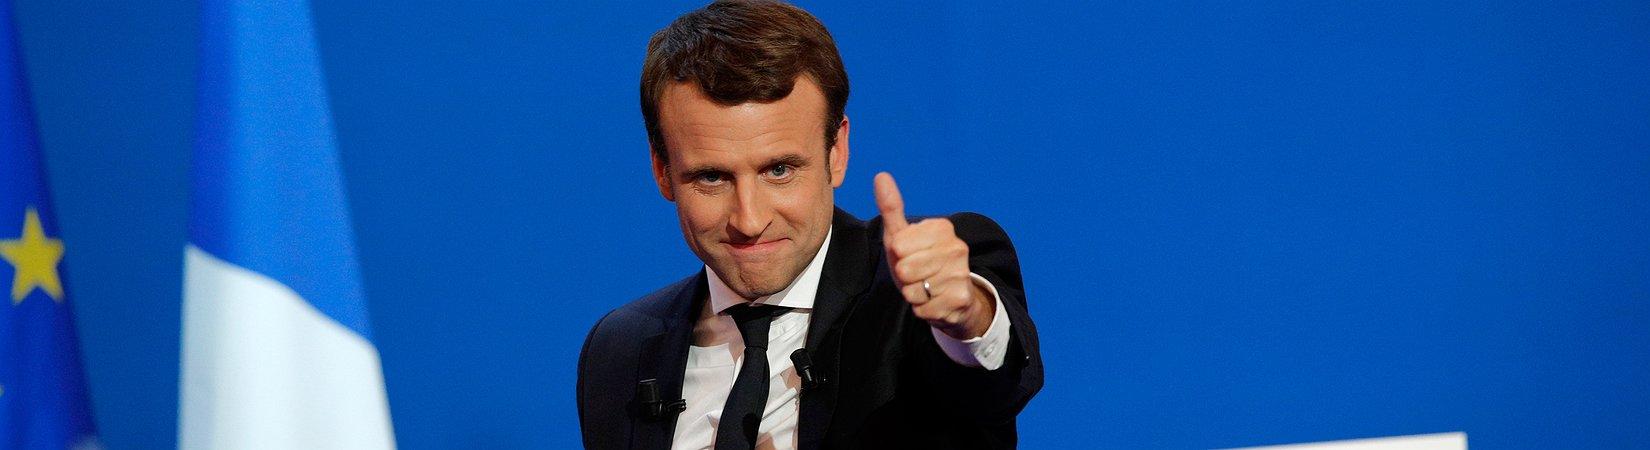 Macron e Le Pen avanzano al secondo turno